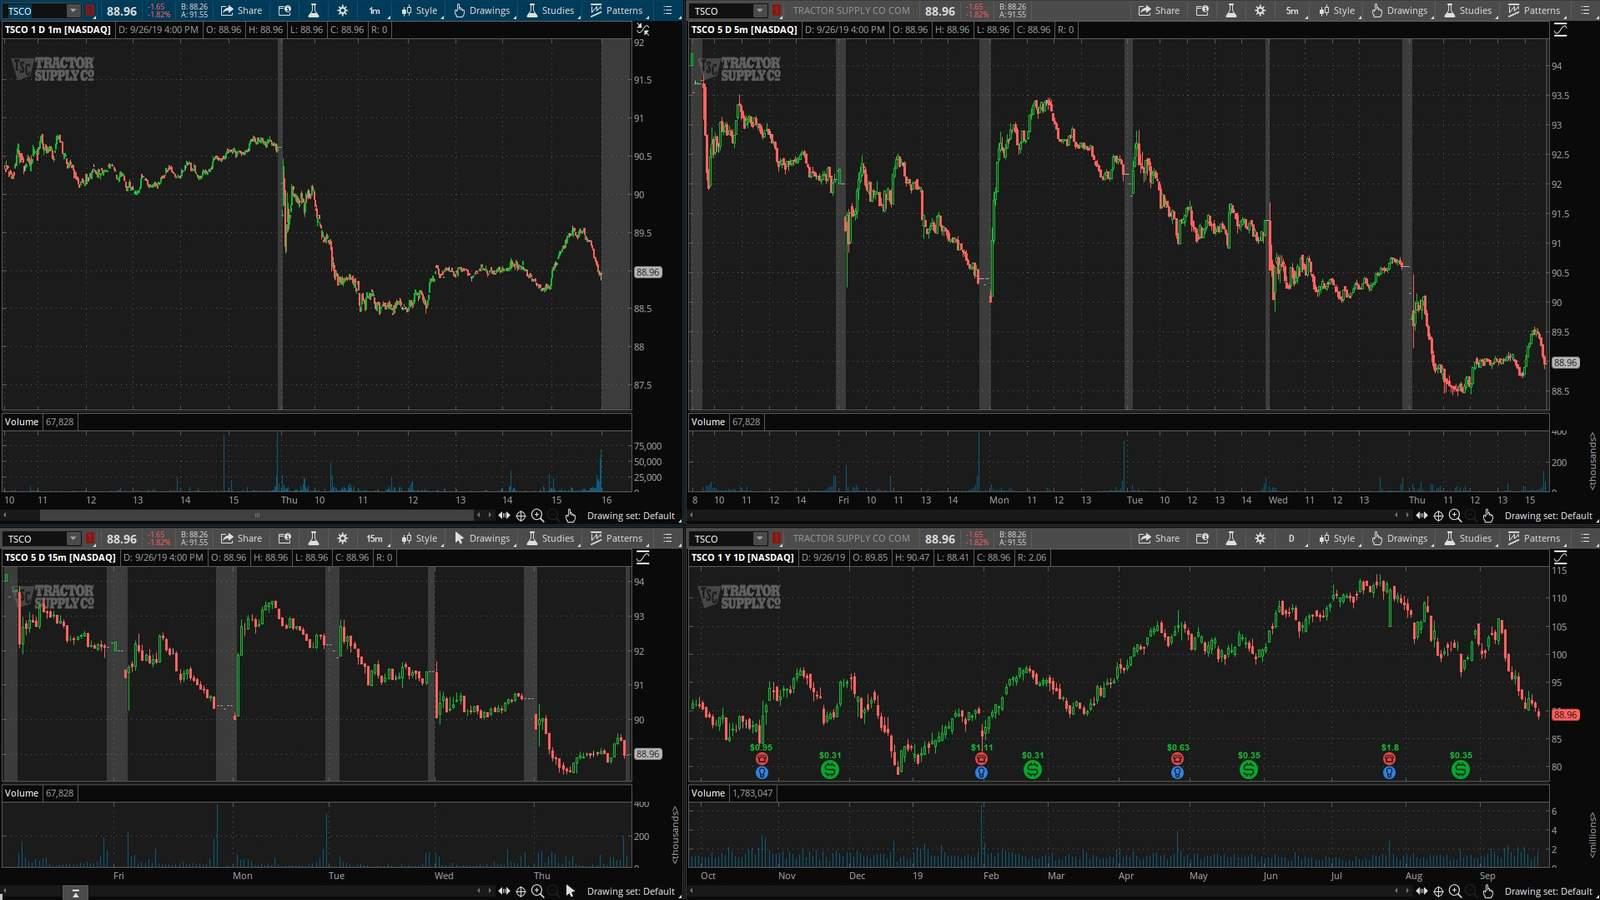 TSCO акция на фондовой бирже